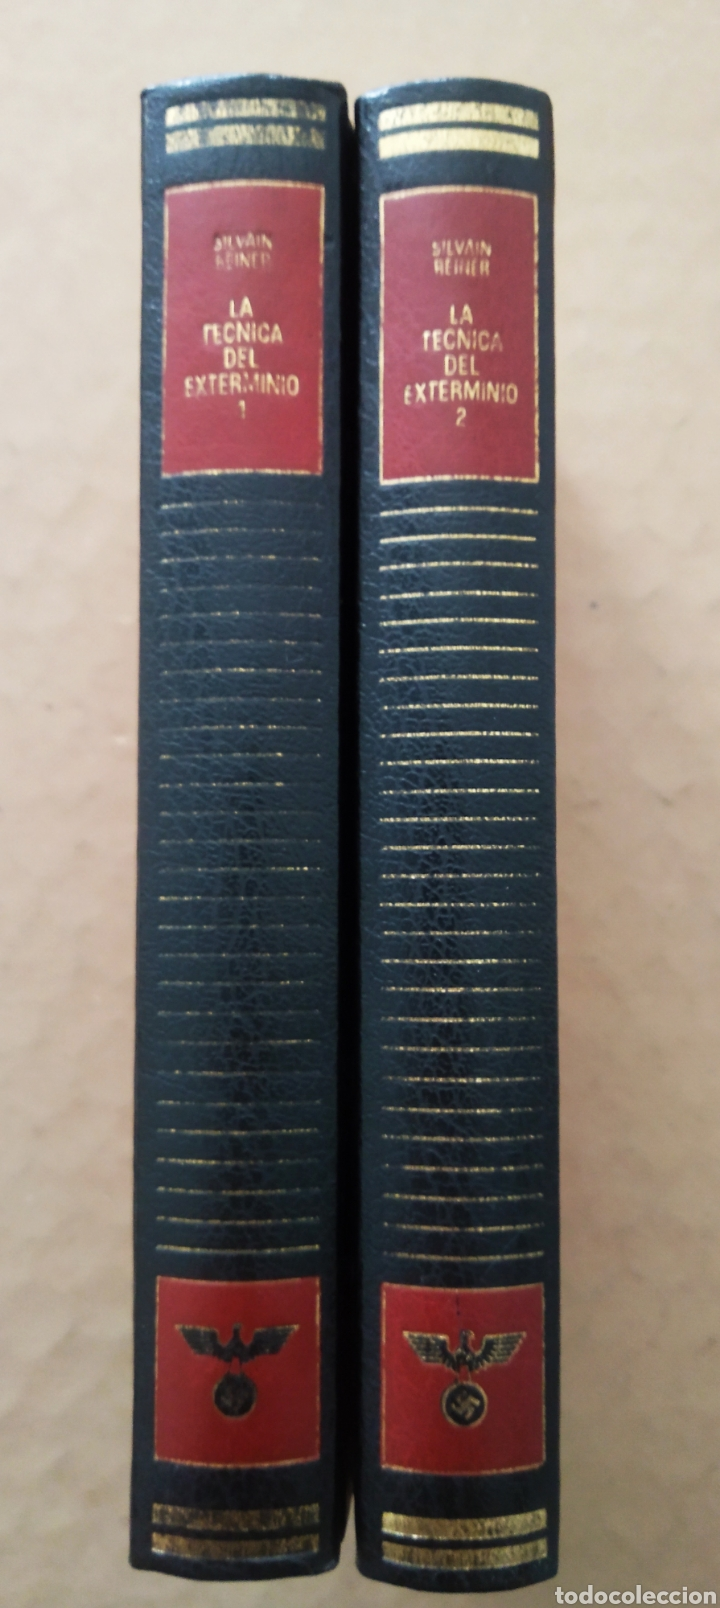 Libros de segunda mano: La Historia Vivida en los Campos de Exterminación Nazis: La Técnica del Exterminio 1-2 (S. Reiner). - Foto 2 - 254182560